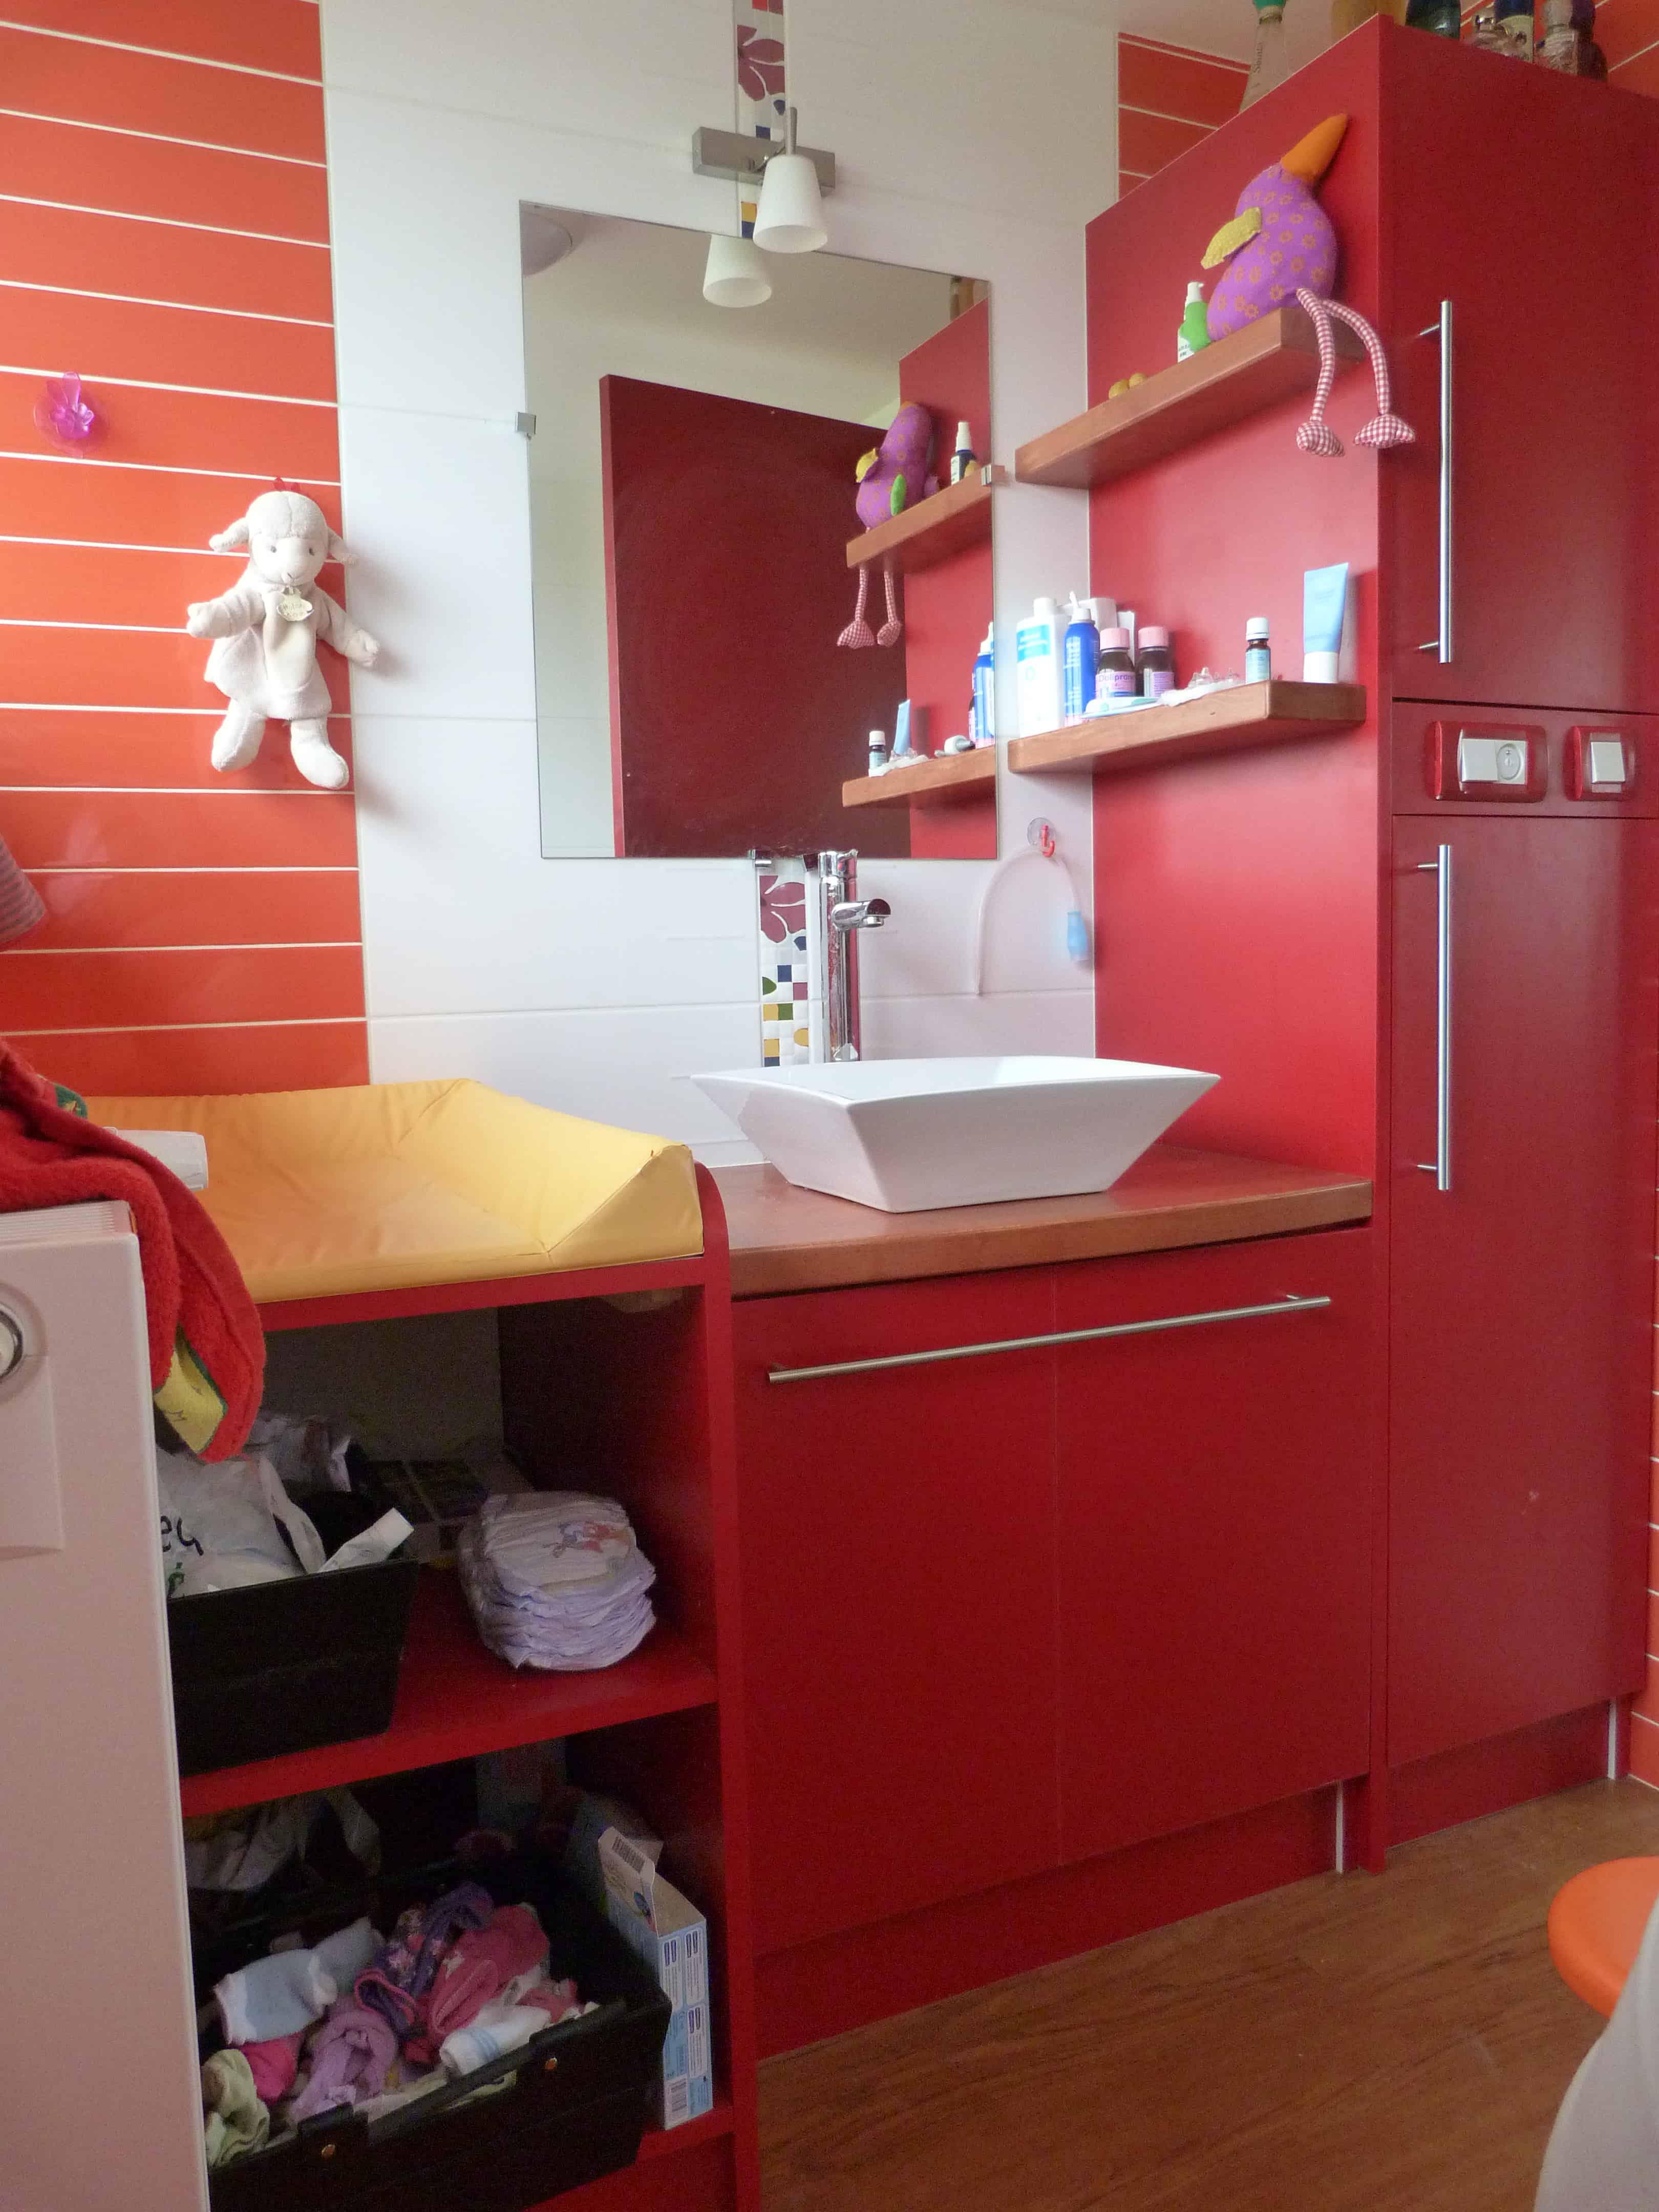 agencement int rieur 35 menuiserie bg cuisine salles de bain mobilier. Black Bedroom Furniture Sets. Home Design Ideas